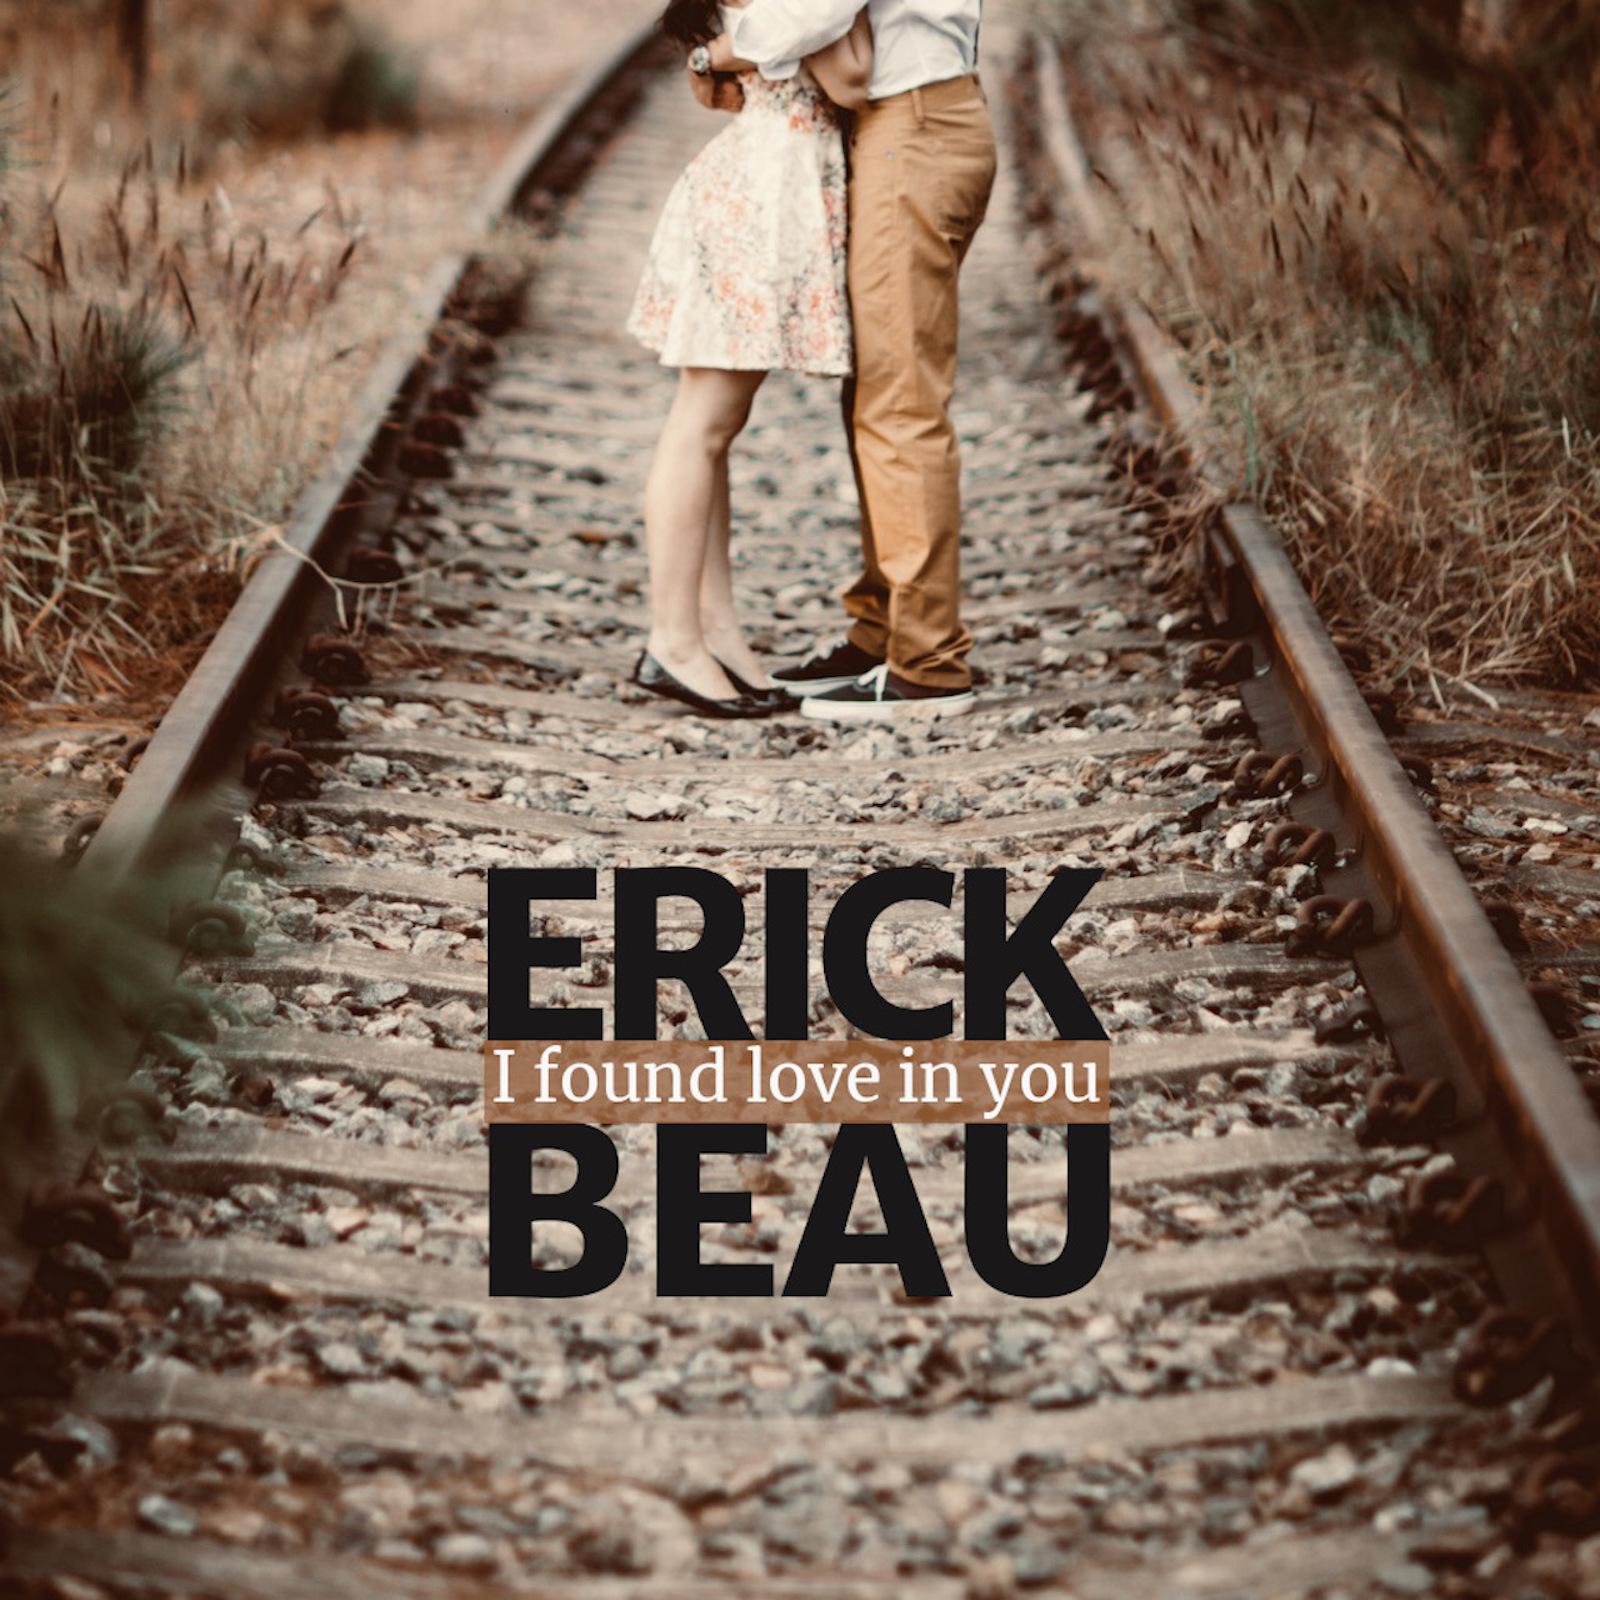 Erick Beau